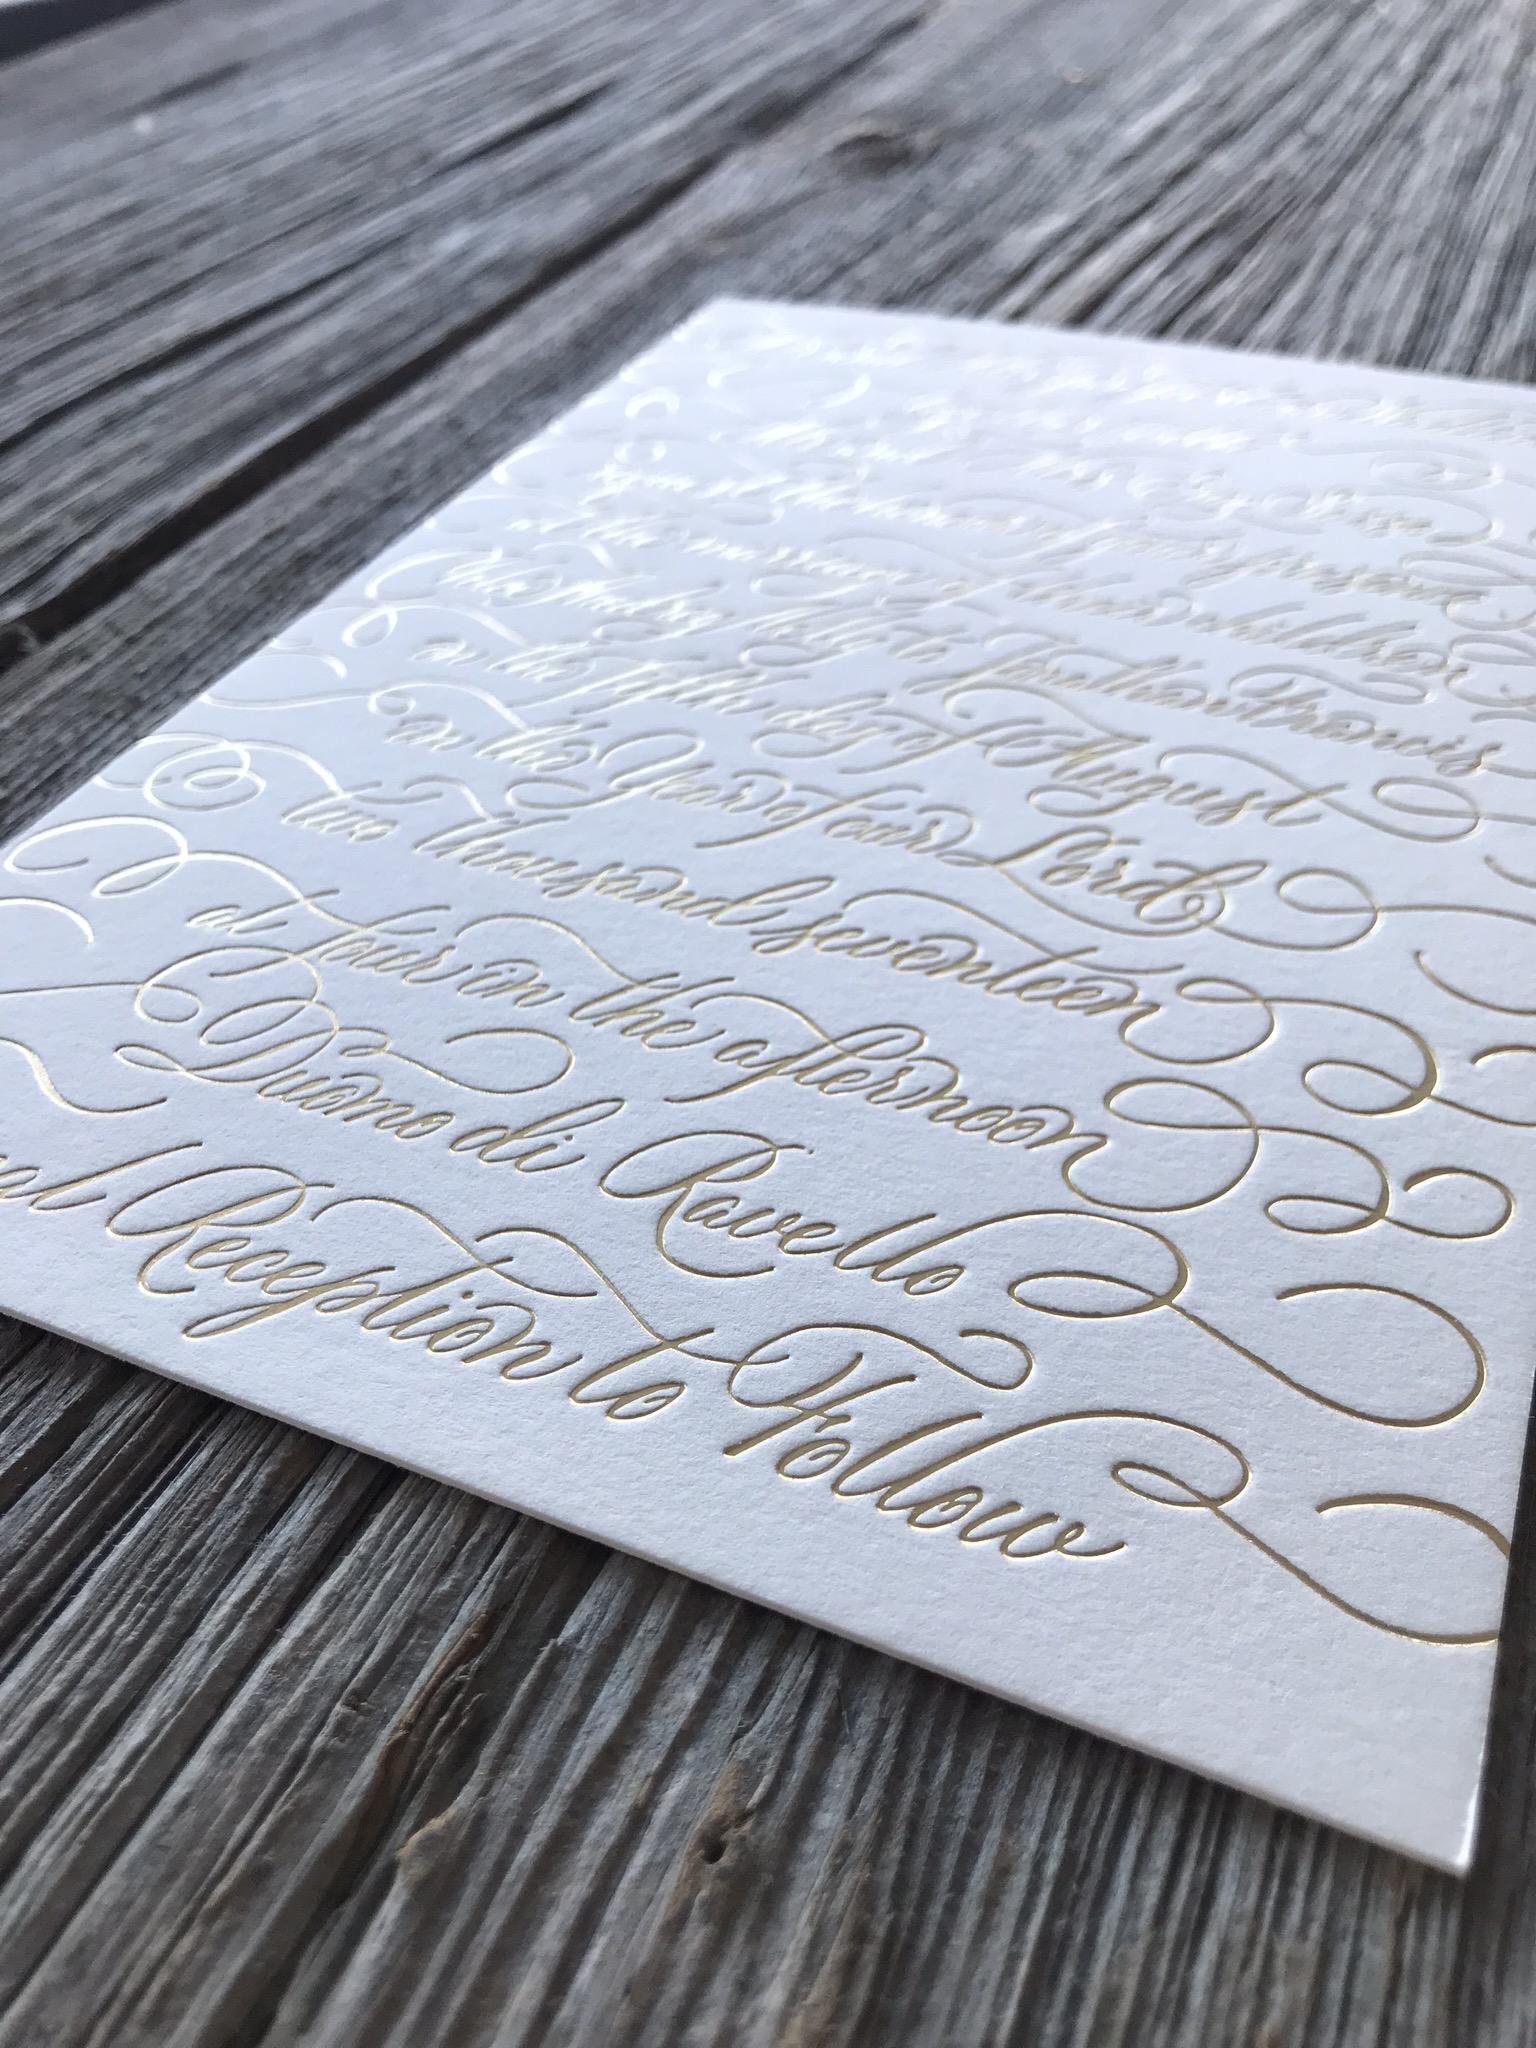 House Of Foil - Hot Foil Stamping Portfolio - 002